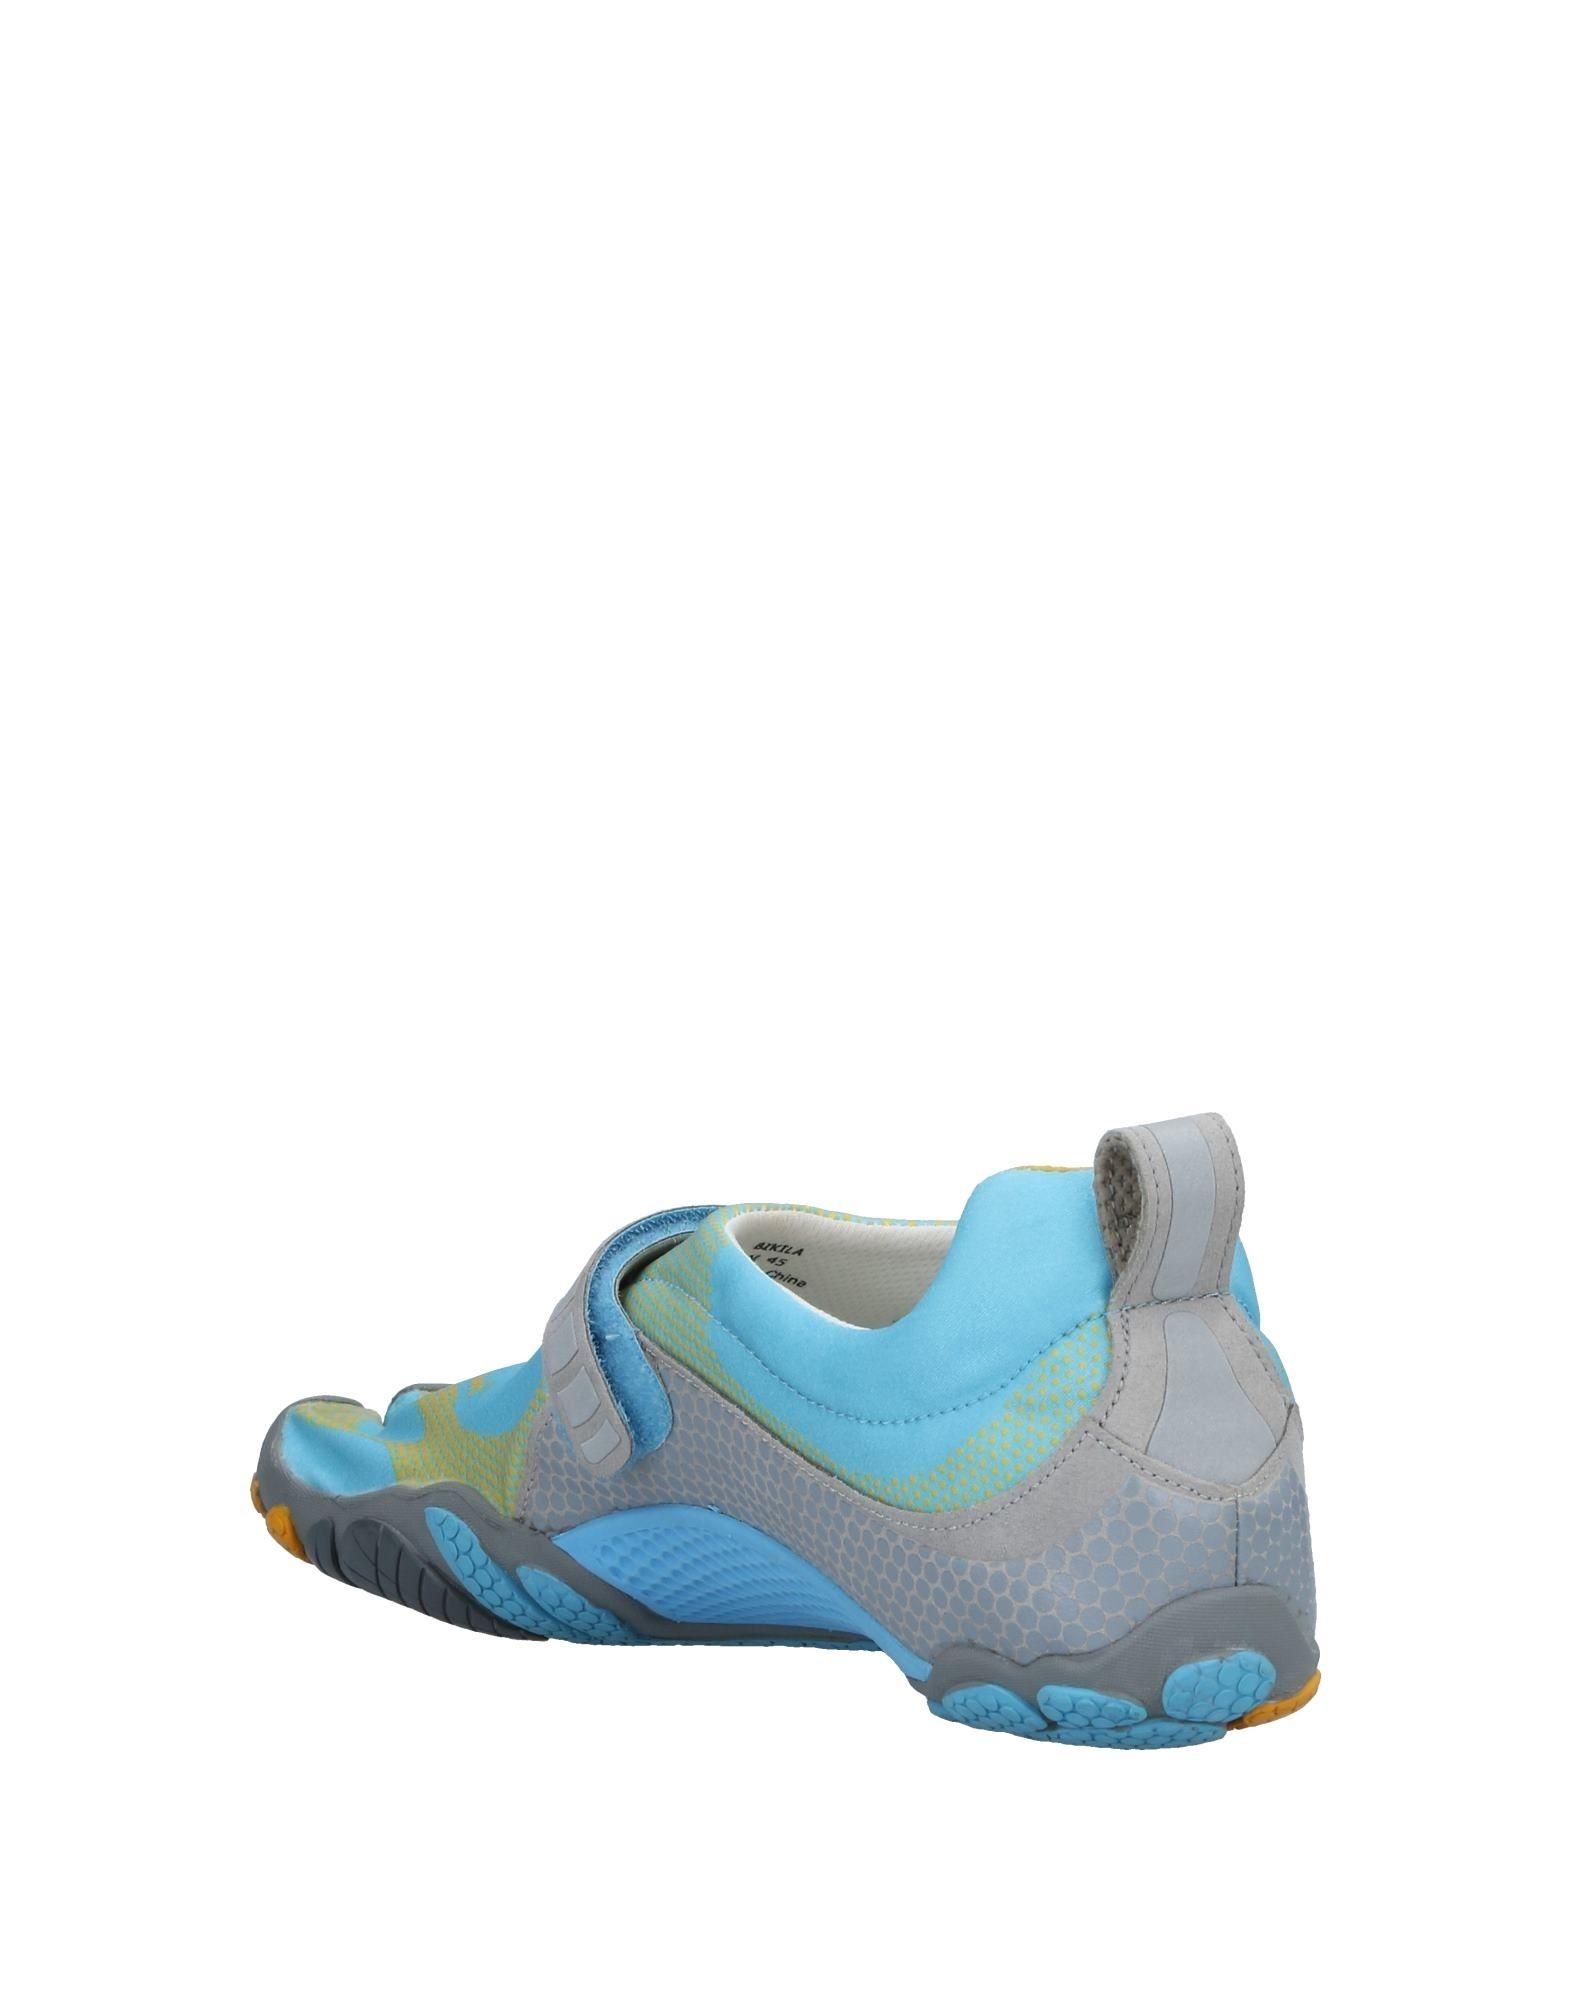 Rabatt echte  Schuhe Vibram Sneakers Herren  echte 11498388QW 0b1016